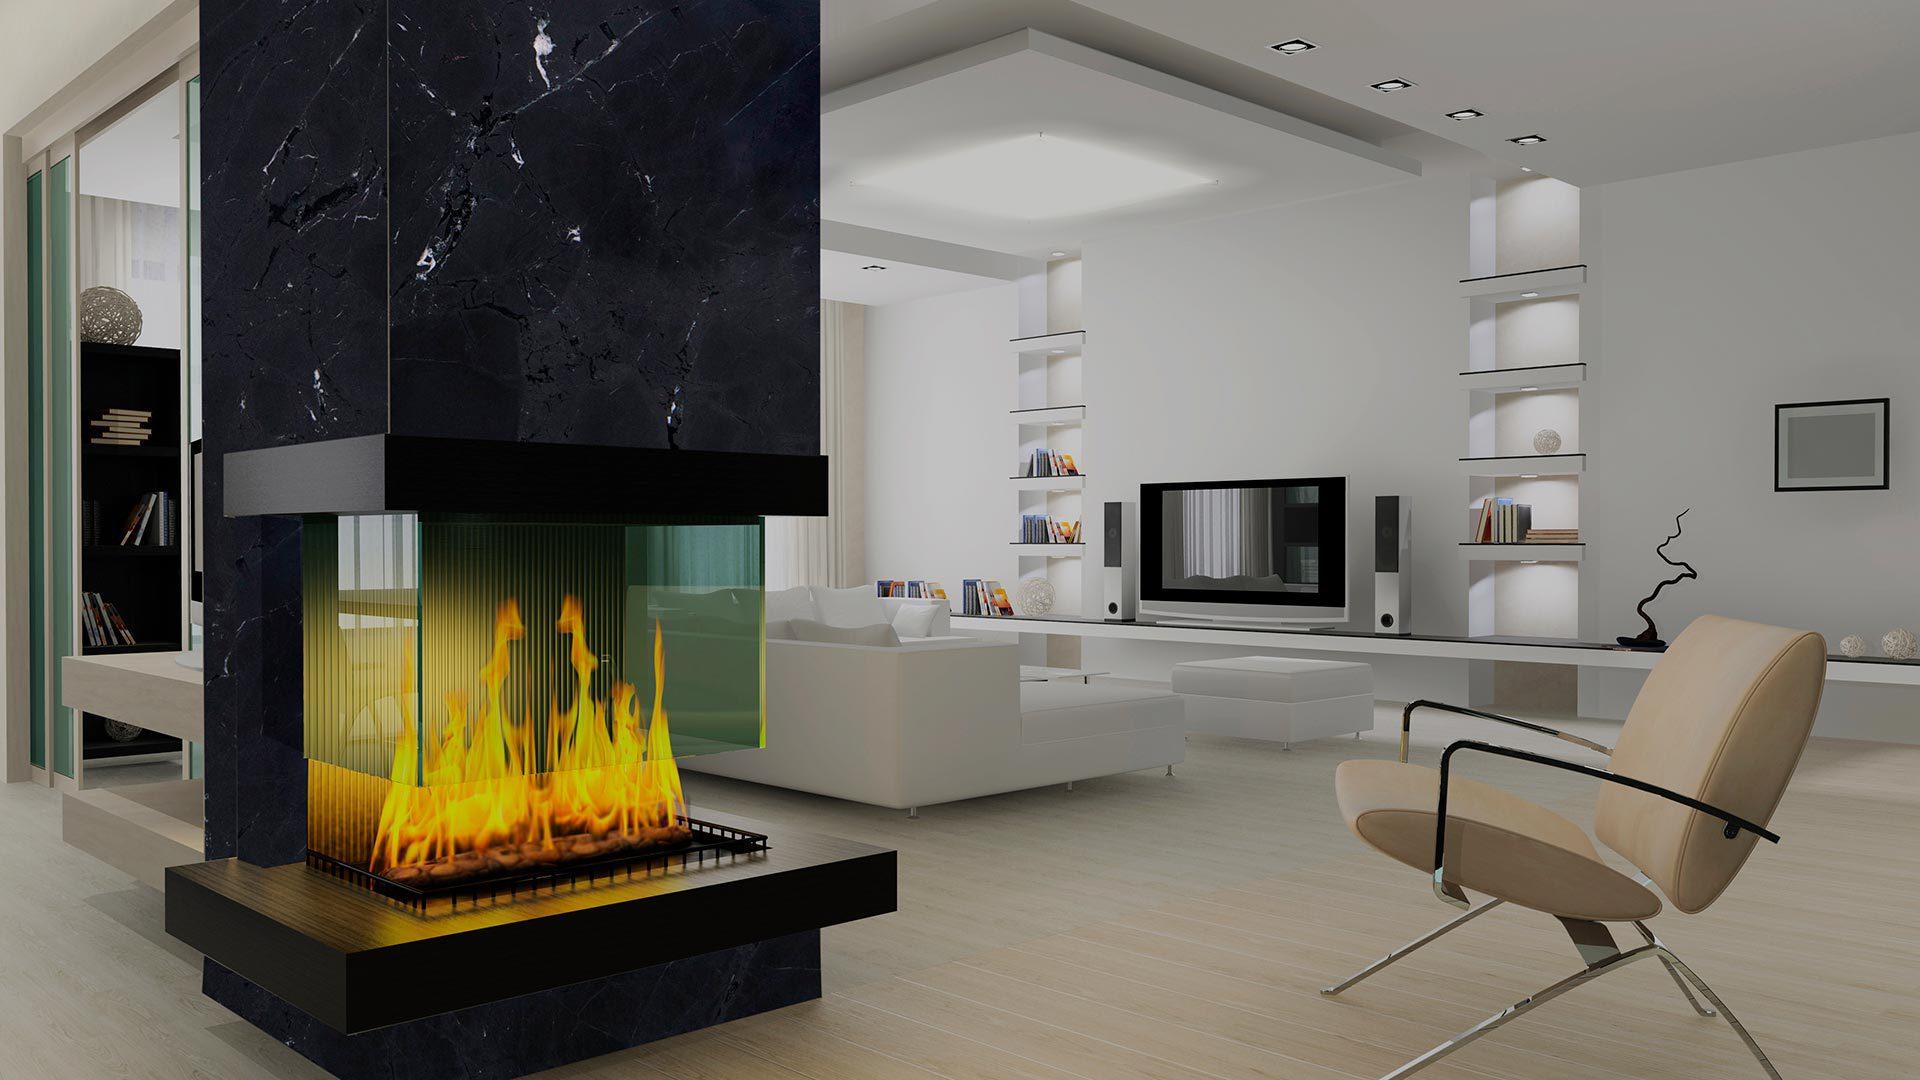 granite-diamond-black-fireplace